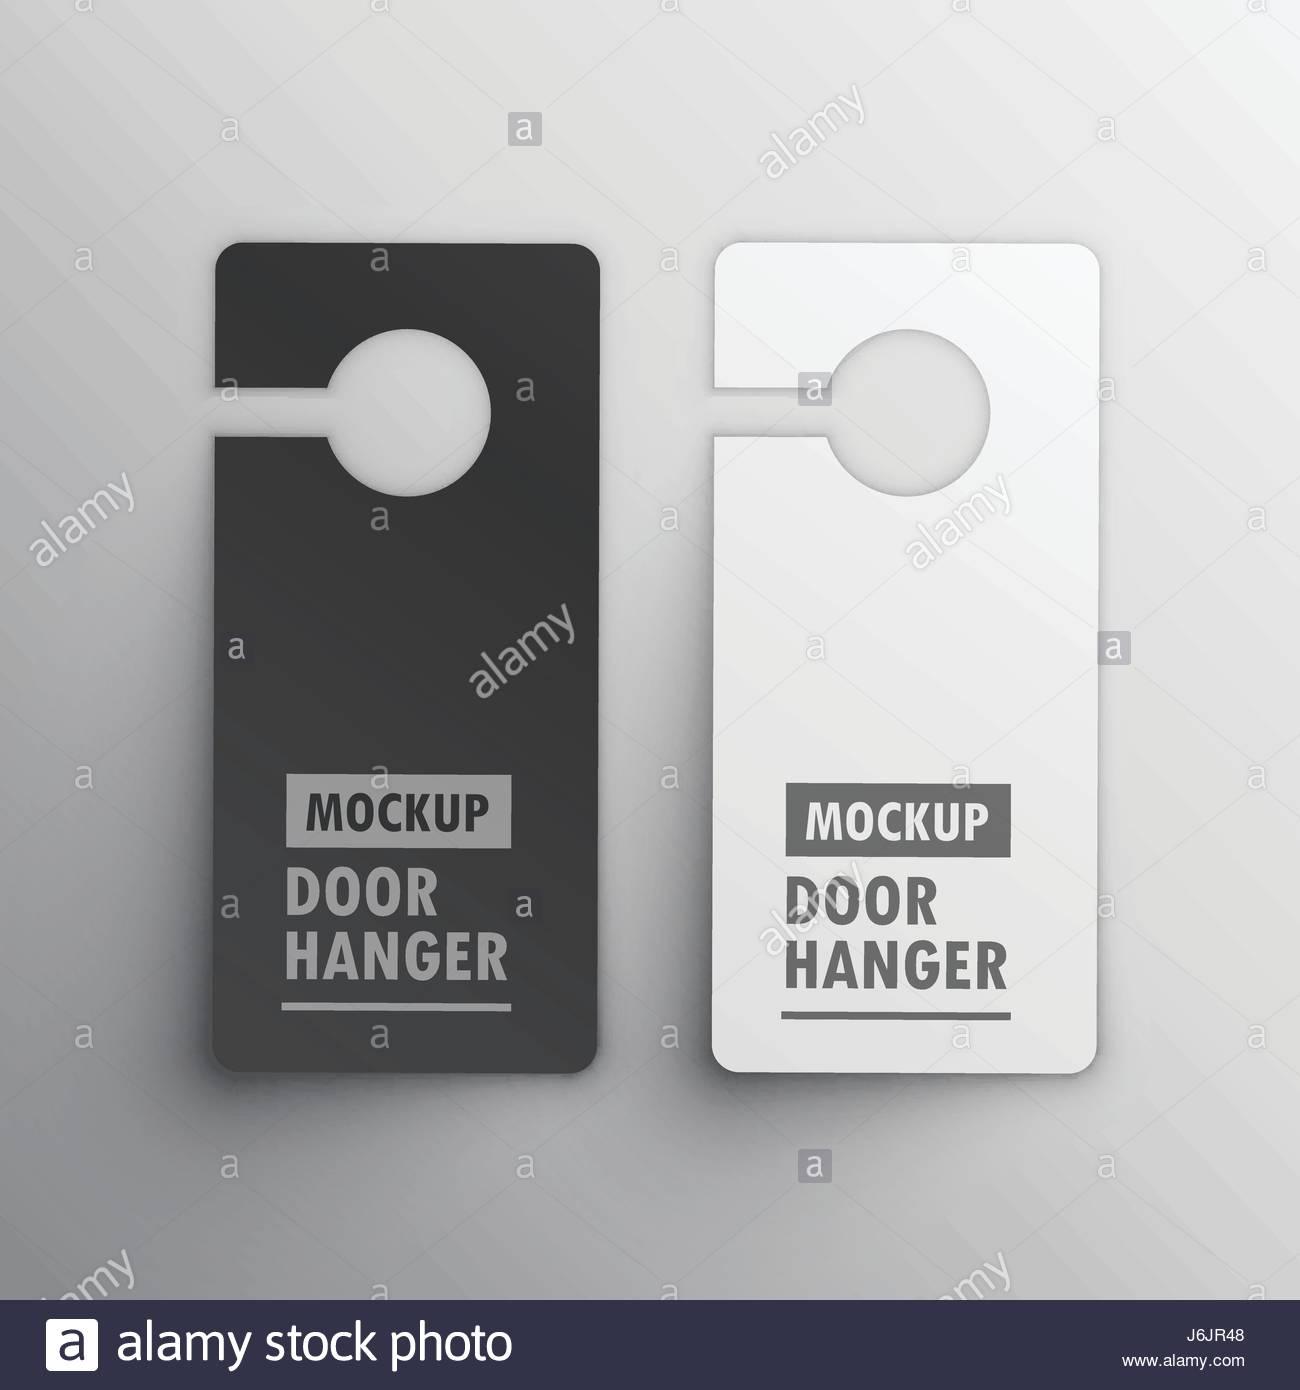 door hanger mockup design vector - Stock Image